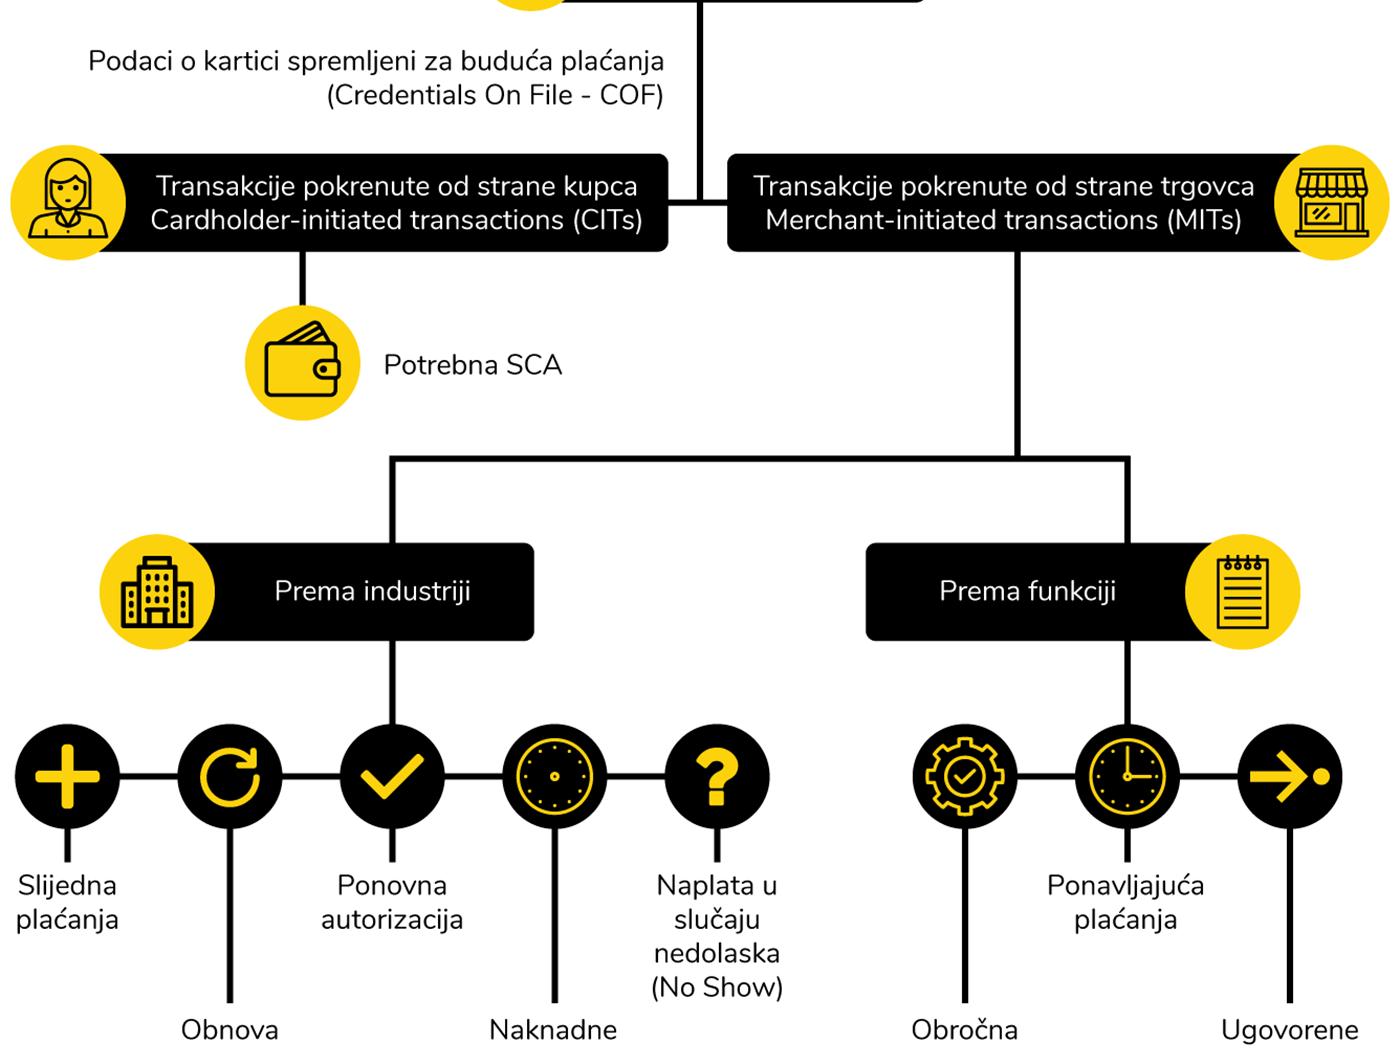 Tokenizovane transakcije sa sačuvanim kartičnim podacima